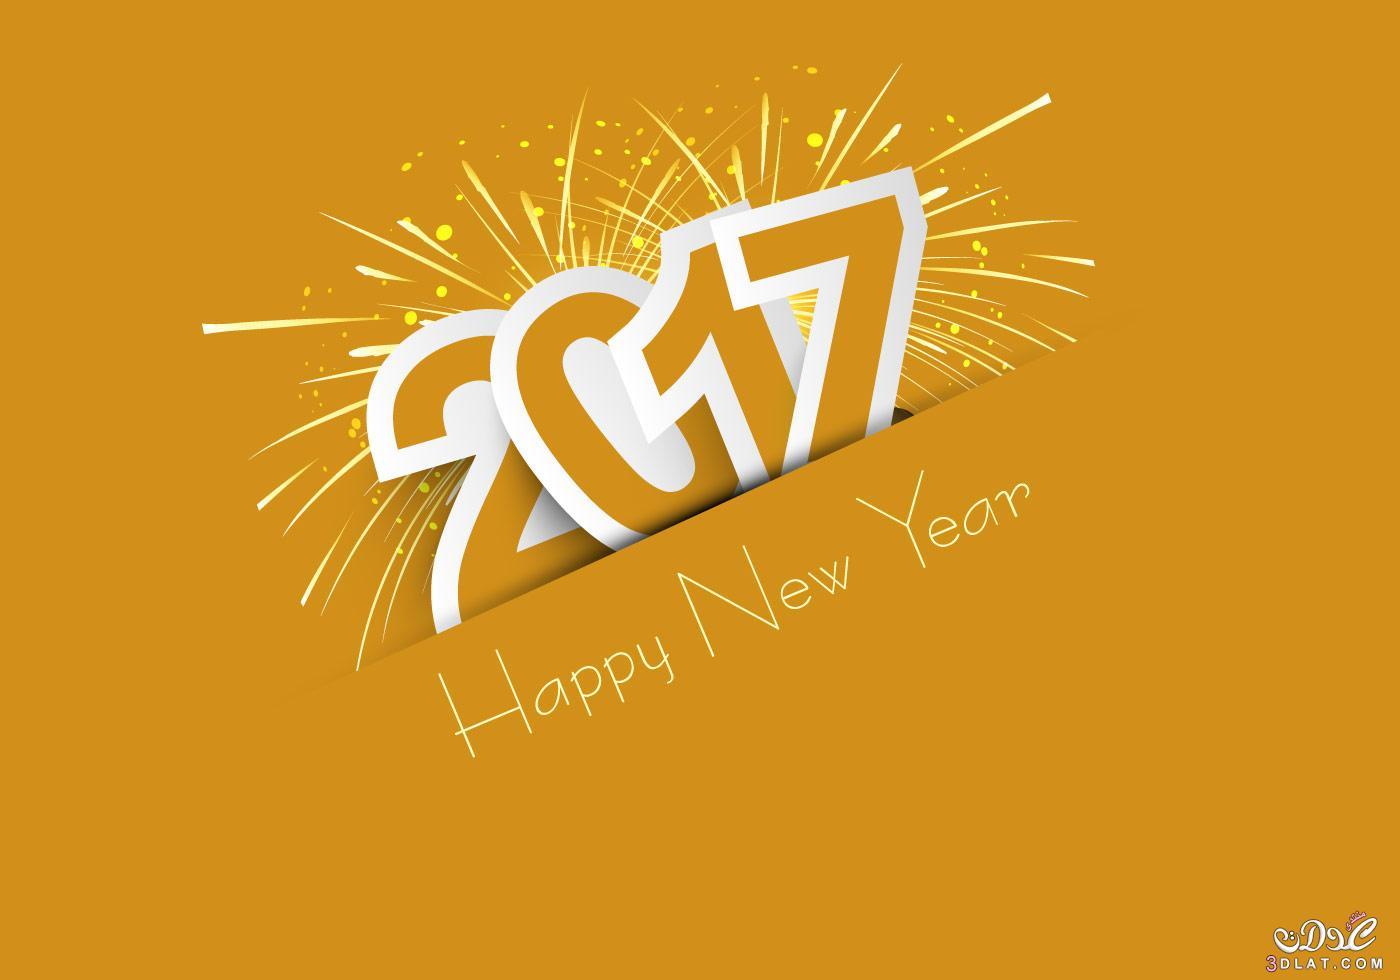 خلفيات جديدة لراس السنة الميلادية 2017 , اروع الخلفيات للعام الجديد , احدث الرمزيات للعام 2017 new_1479739244_775.j